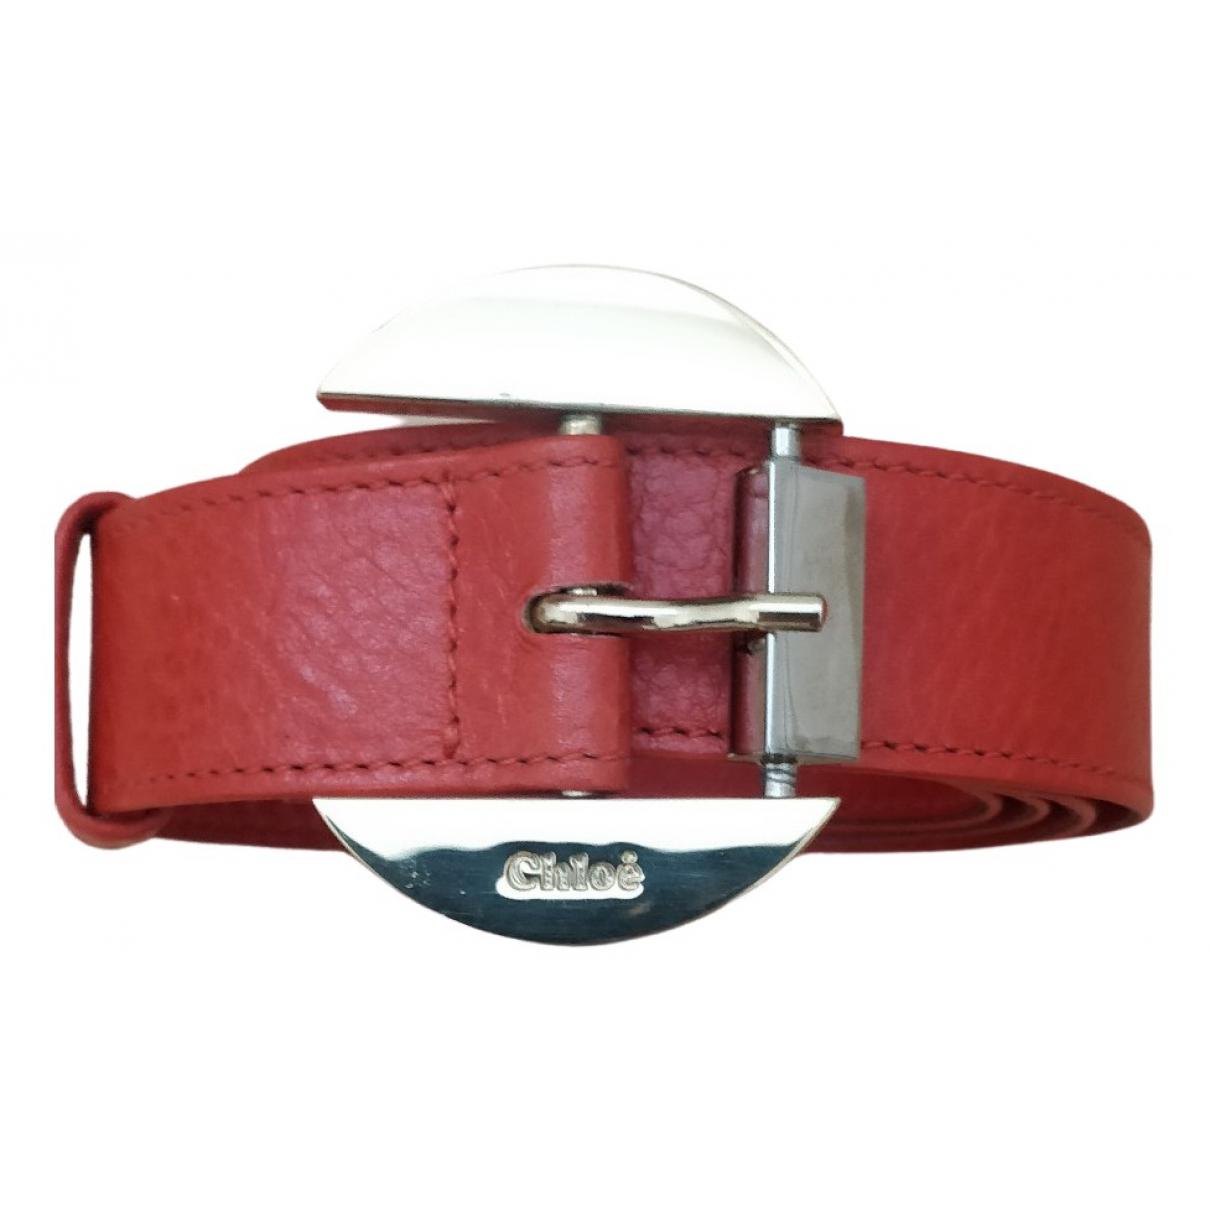 Cinturon de Cuero Chloe